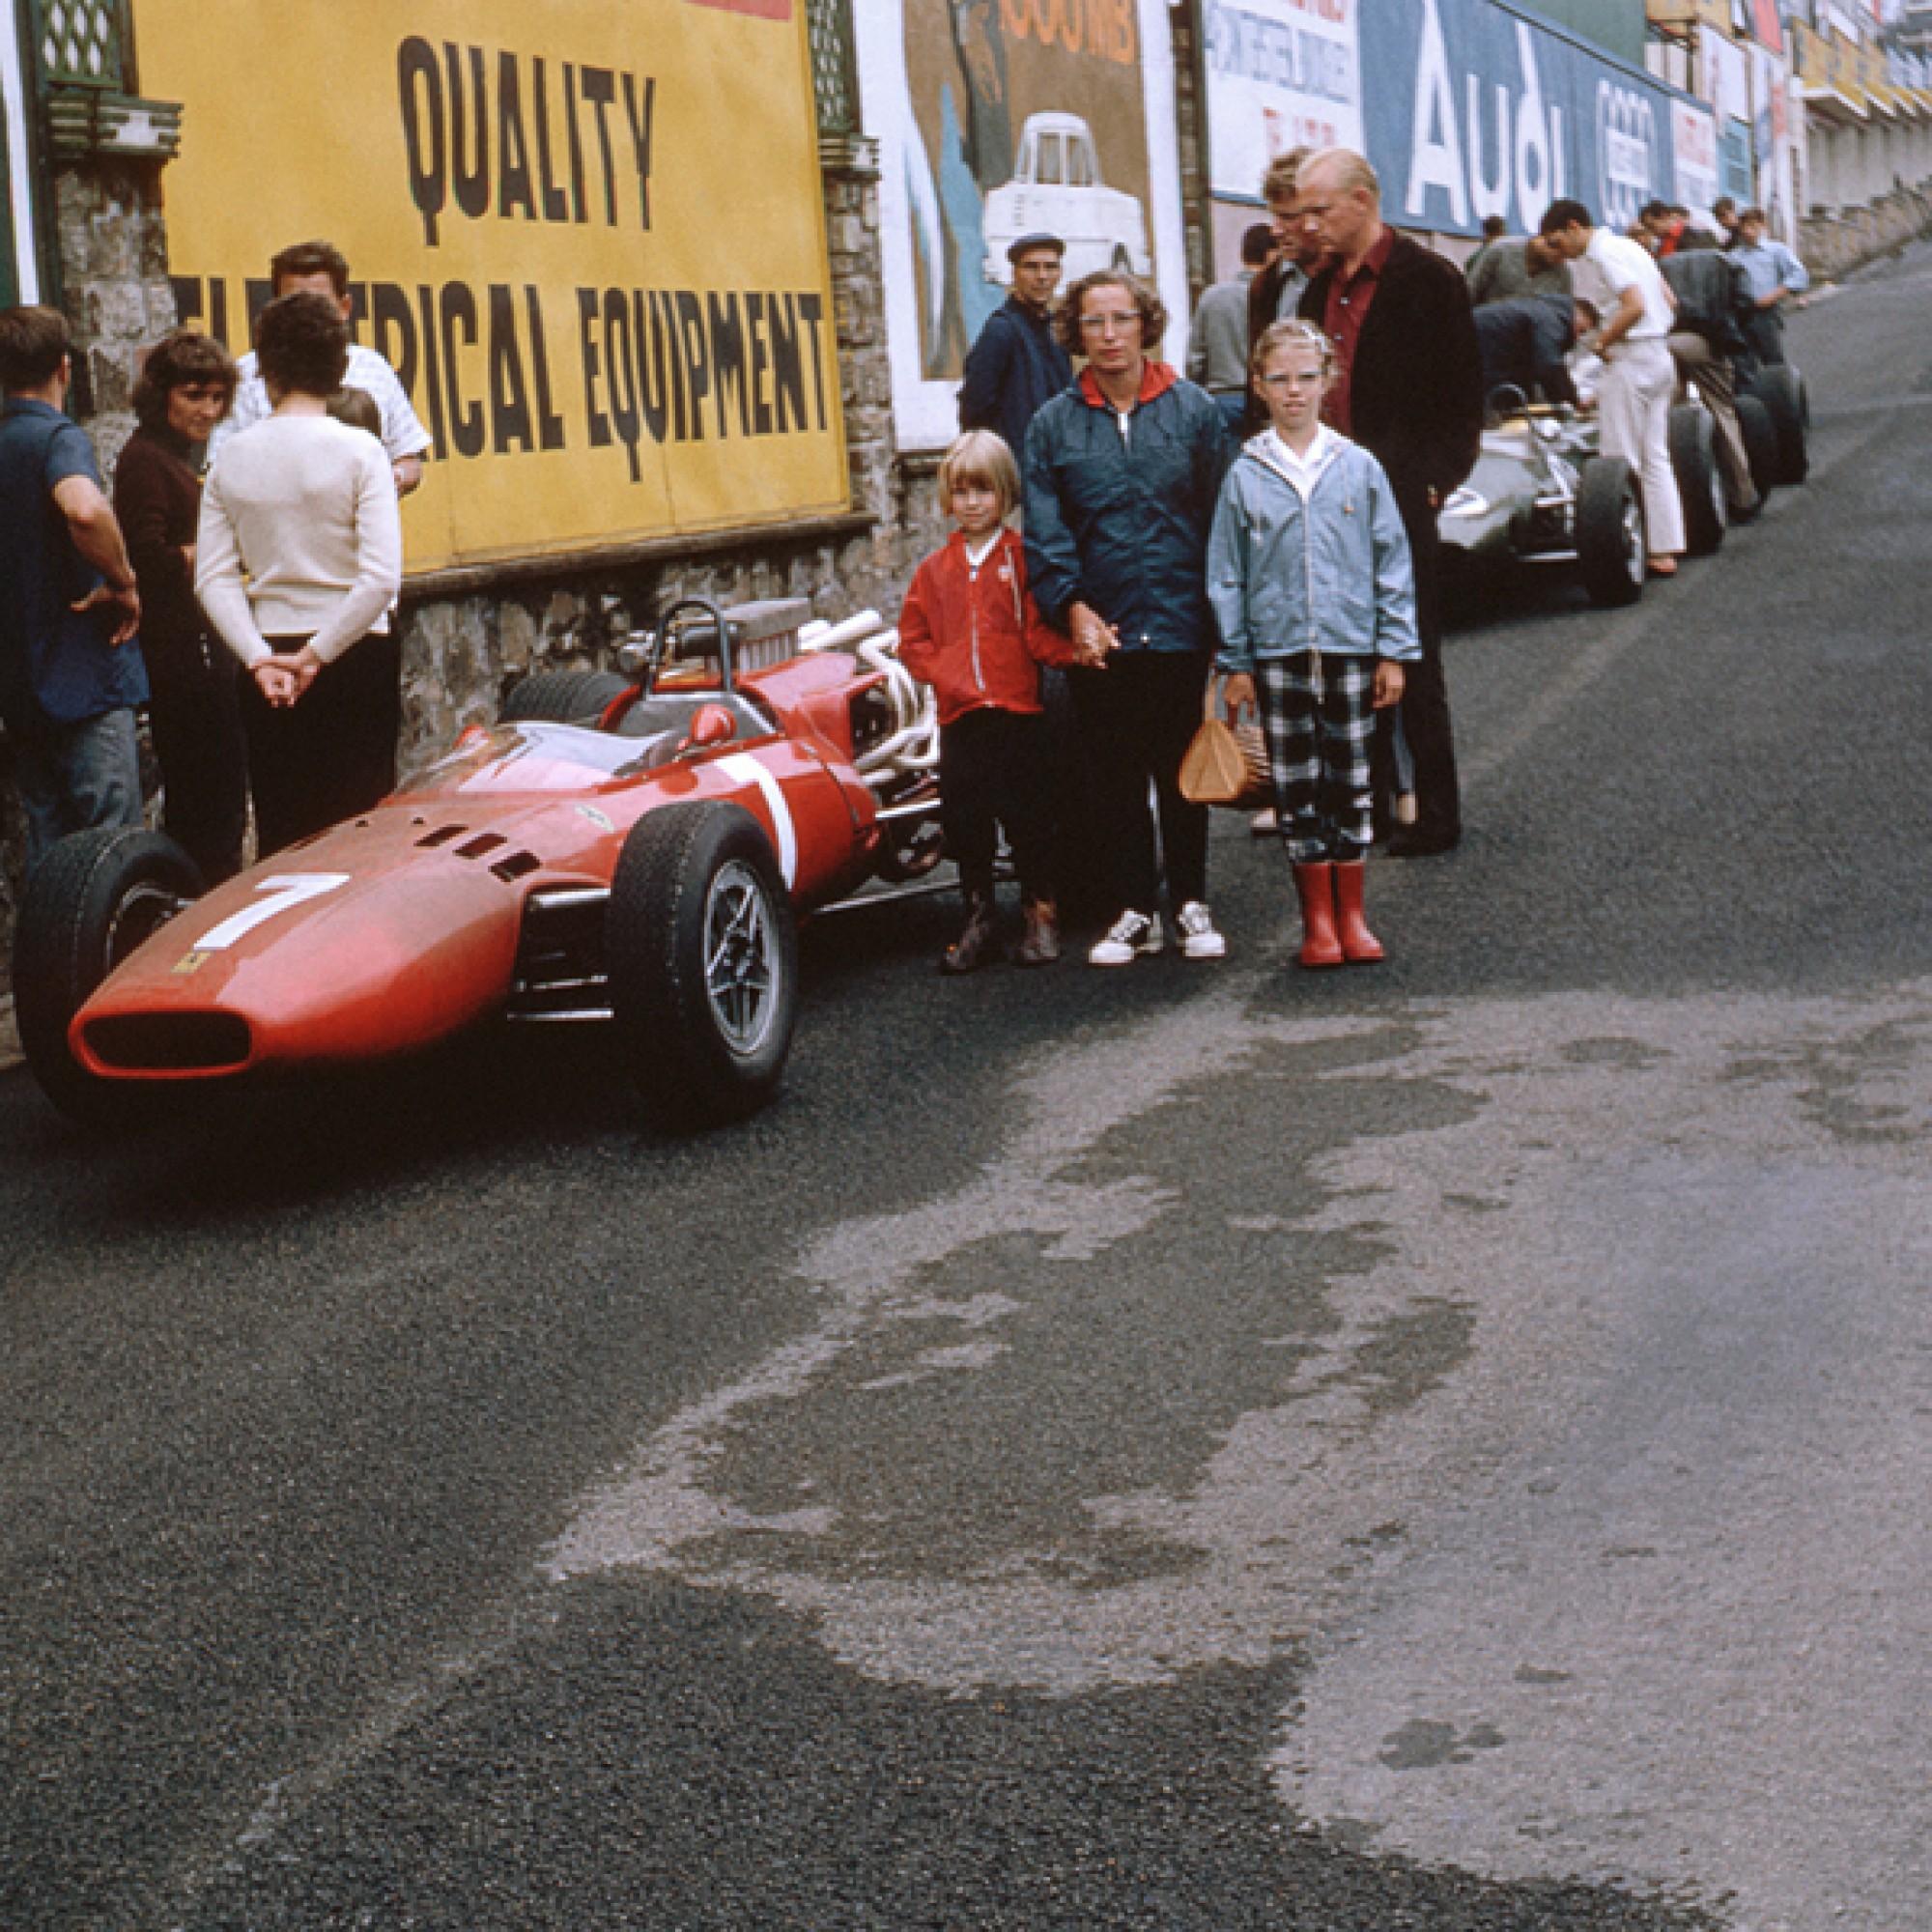 Eine belgische Familie posiert neben dem Ferrari 246 von Lorenzo Bandini am Grand Prix de Belgique in Spa-Francorchamps von 1966..  (motorsportfriends.ch, Museum im Bellpark)